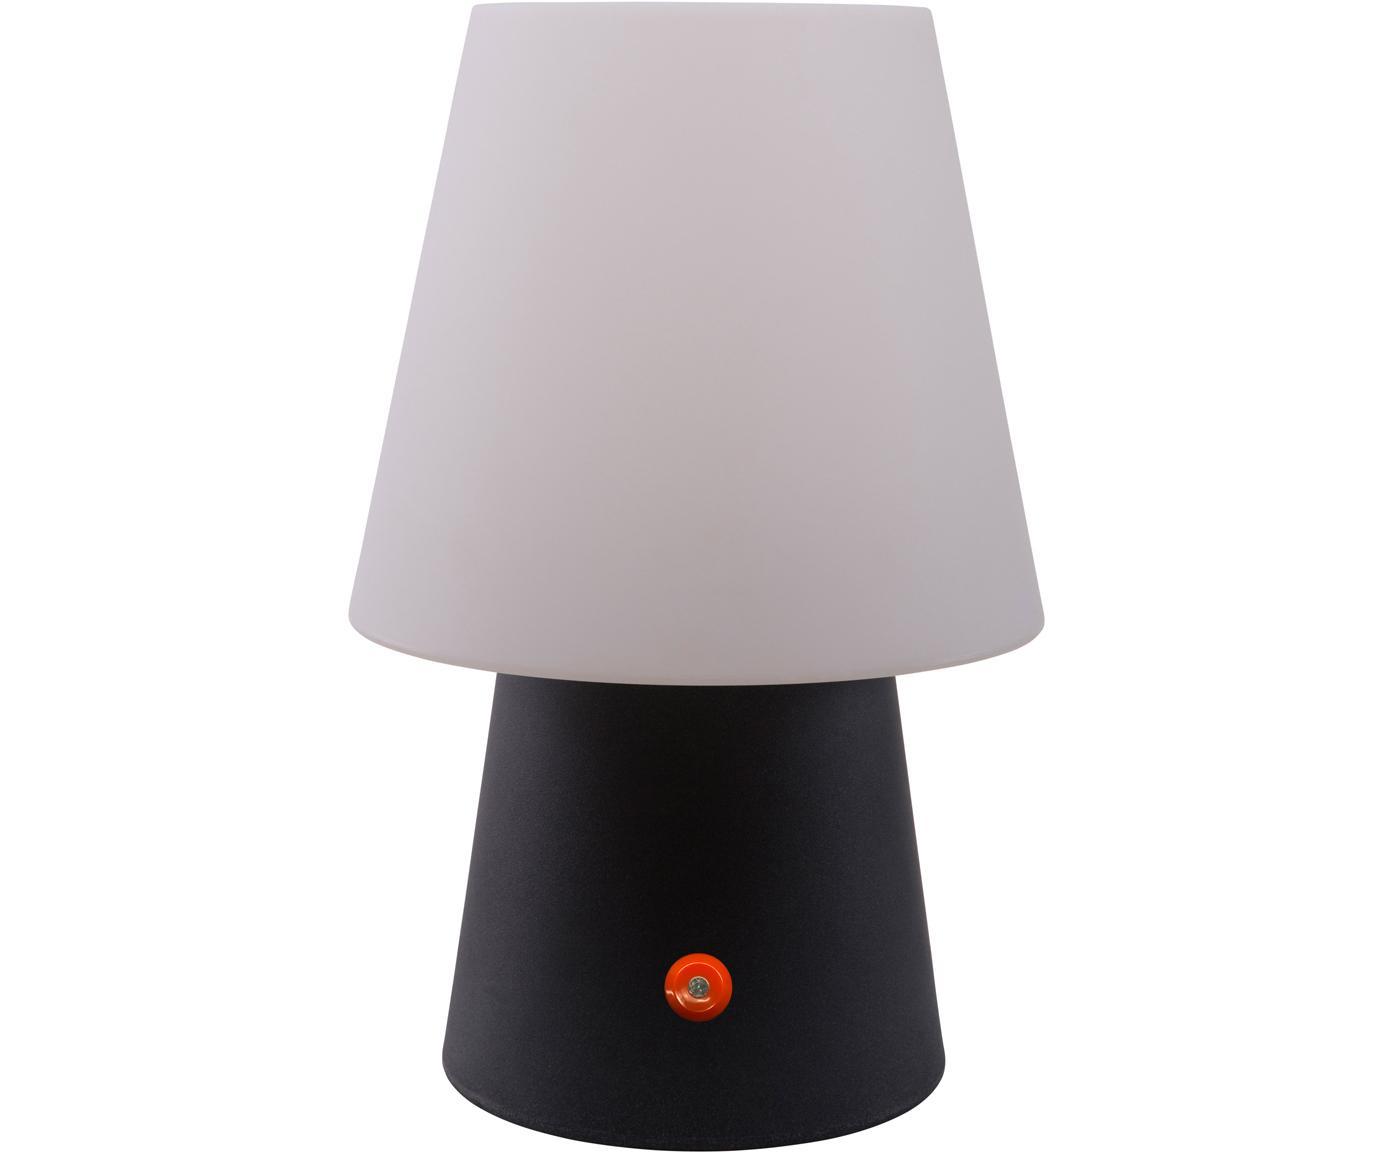 Mobile LED Außentischleuchte No. 1, Kunststoff (Polyethylen), Weiß, Anthrazit, Ø 18 x H 29 cm